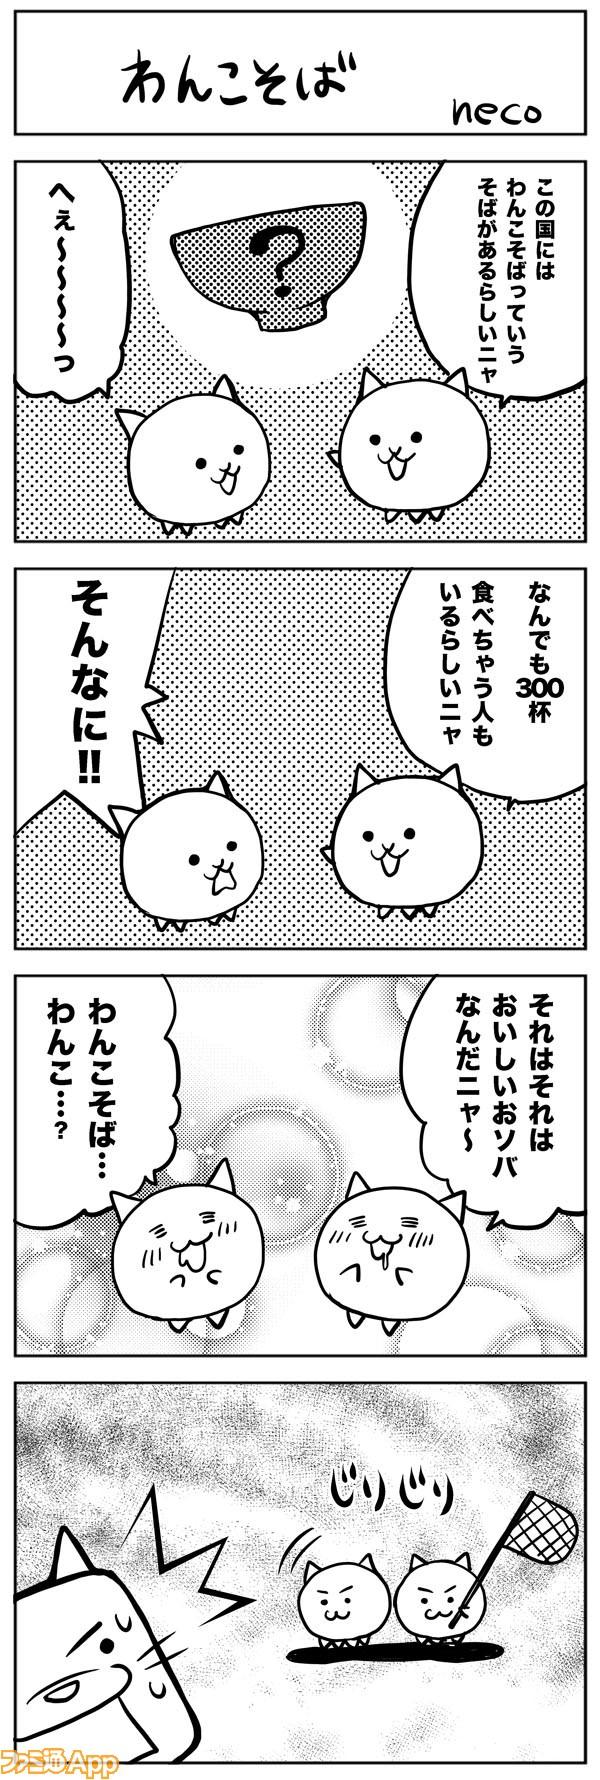 05neco_072